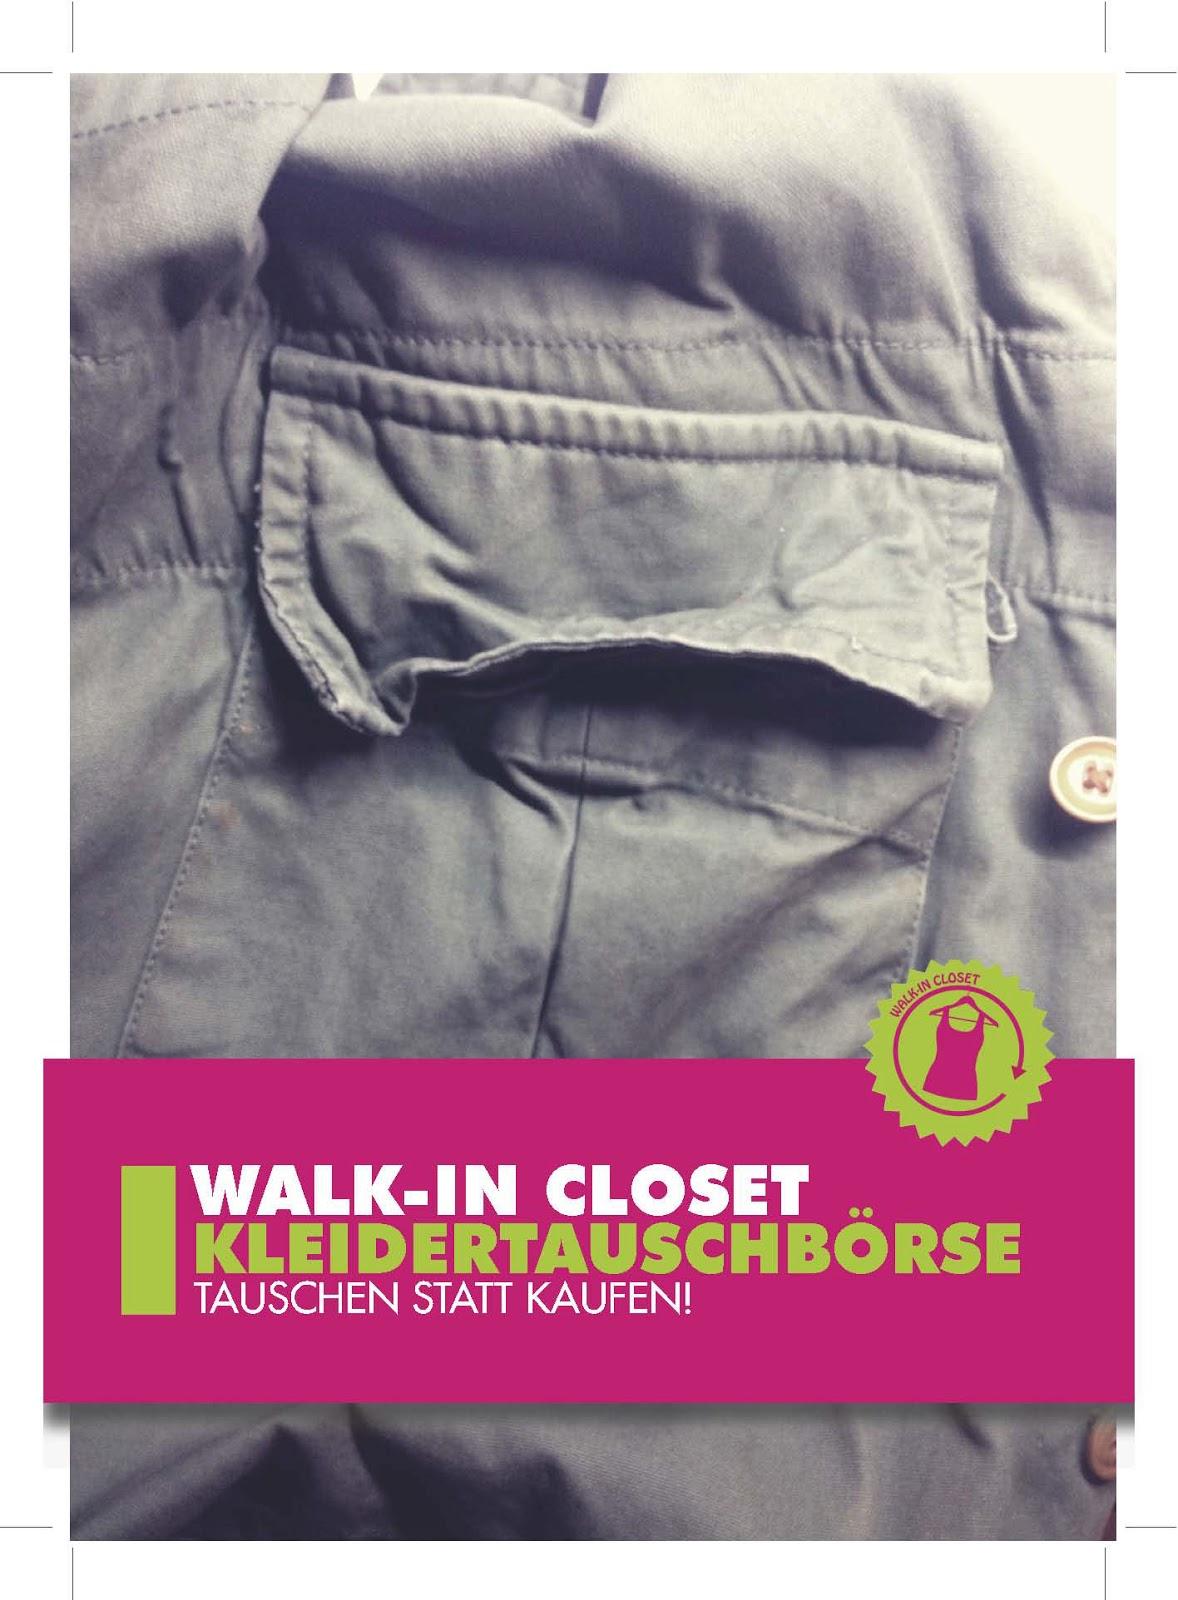 Walk-in Closet - Kleidertauschbörse Winterthur, Salzhaus